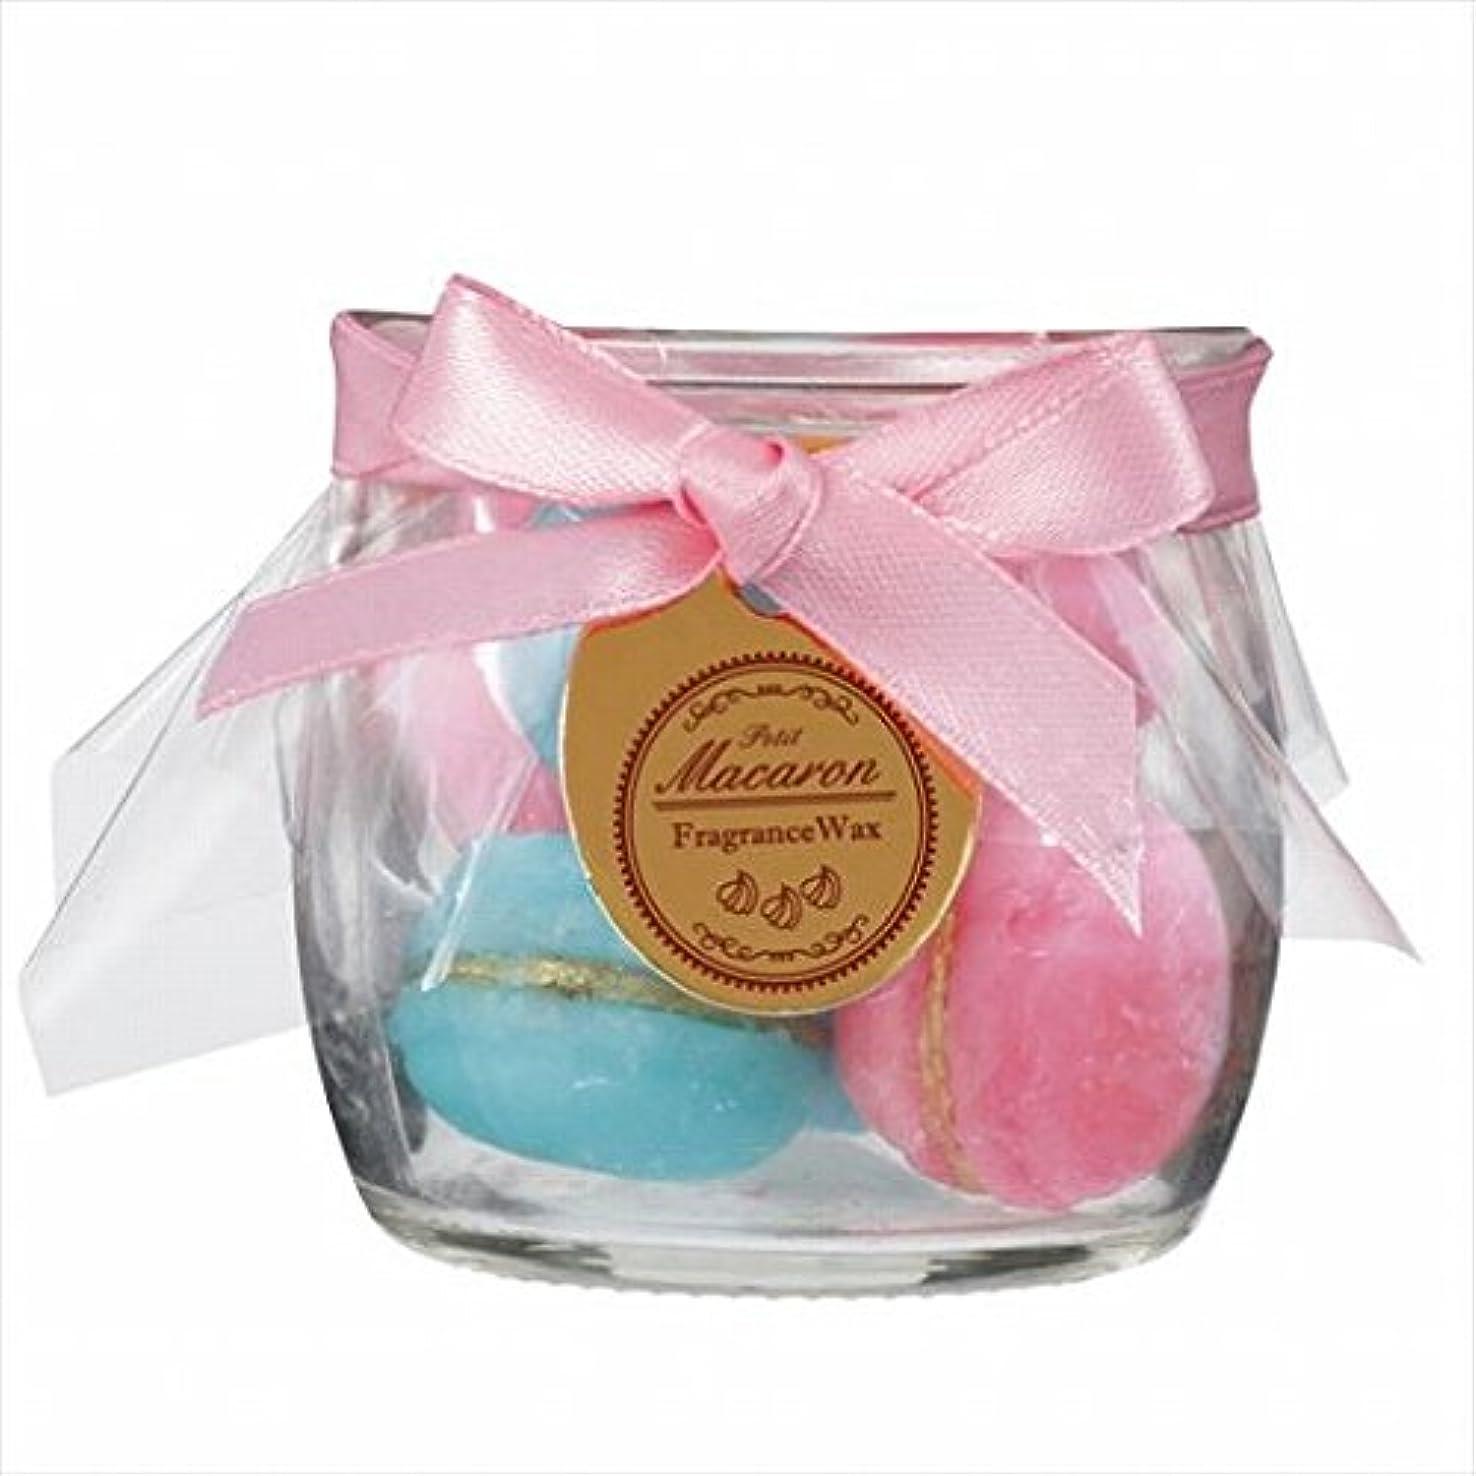 スイーツキャンドル( sweets candle ) プチマカロンフレグランス 「 ピーチ 」 キャンドル